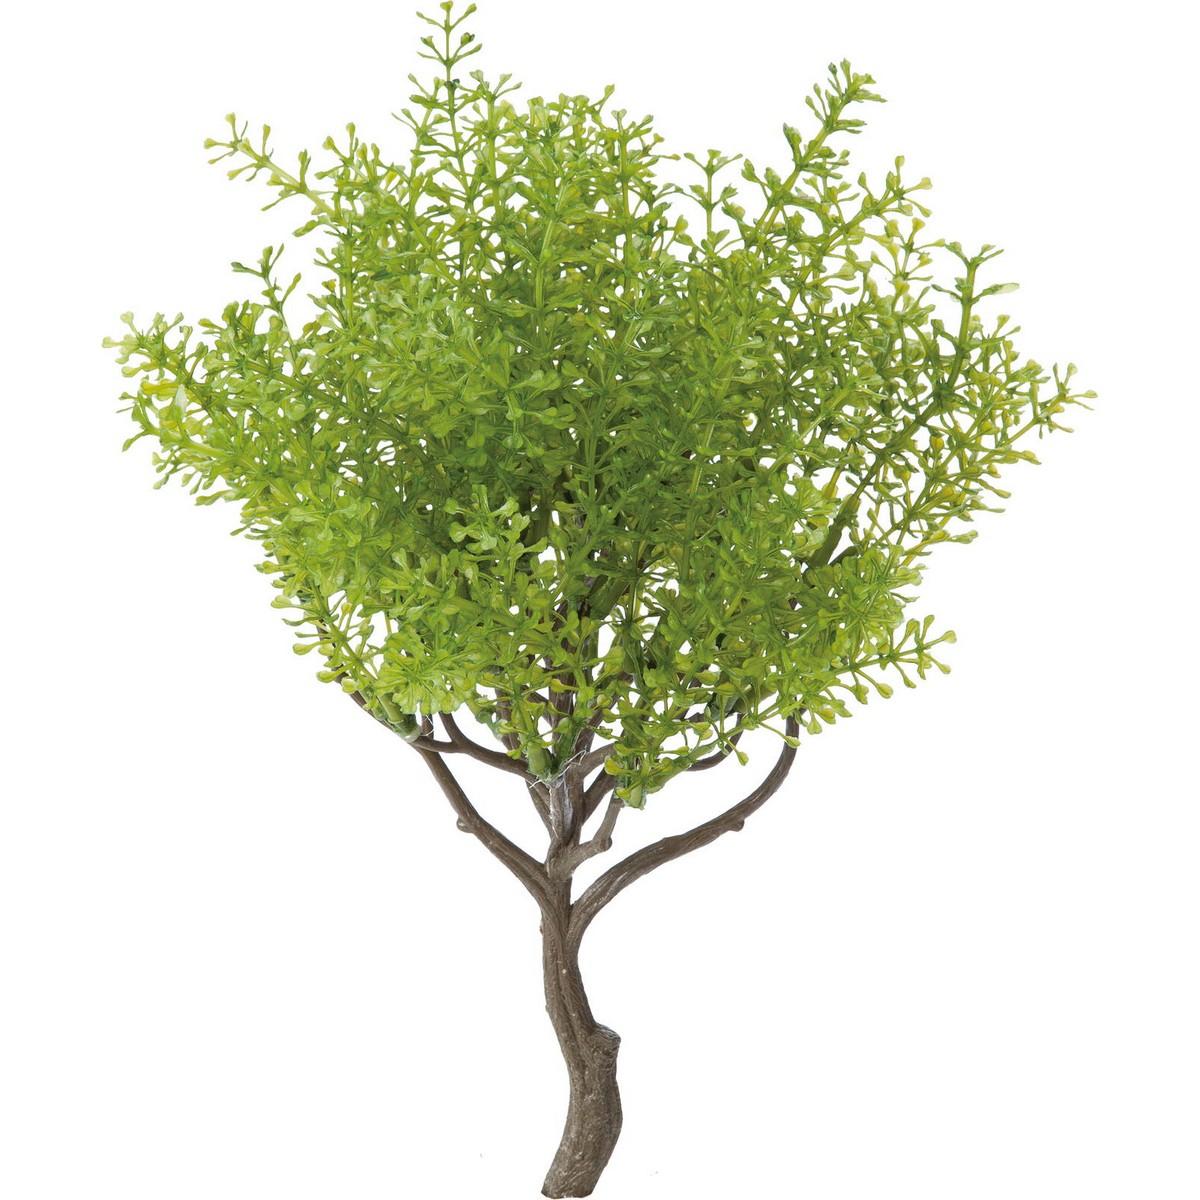 【造花】YDM/シダーツリー グリーン/GL-5176-GR【01】【01】【取寄】《 造花(アーティフィシャルフラワー) 造花葉物、フェイクグリーン ファーン 》